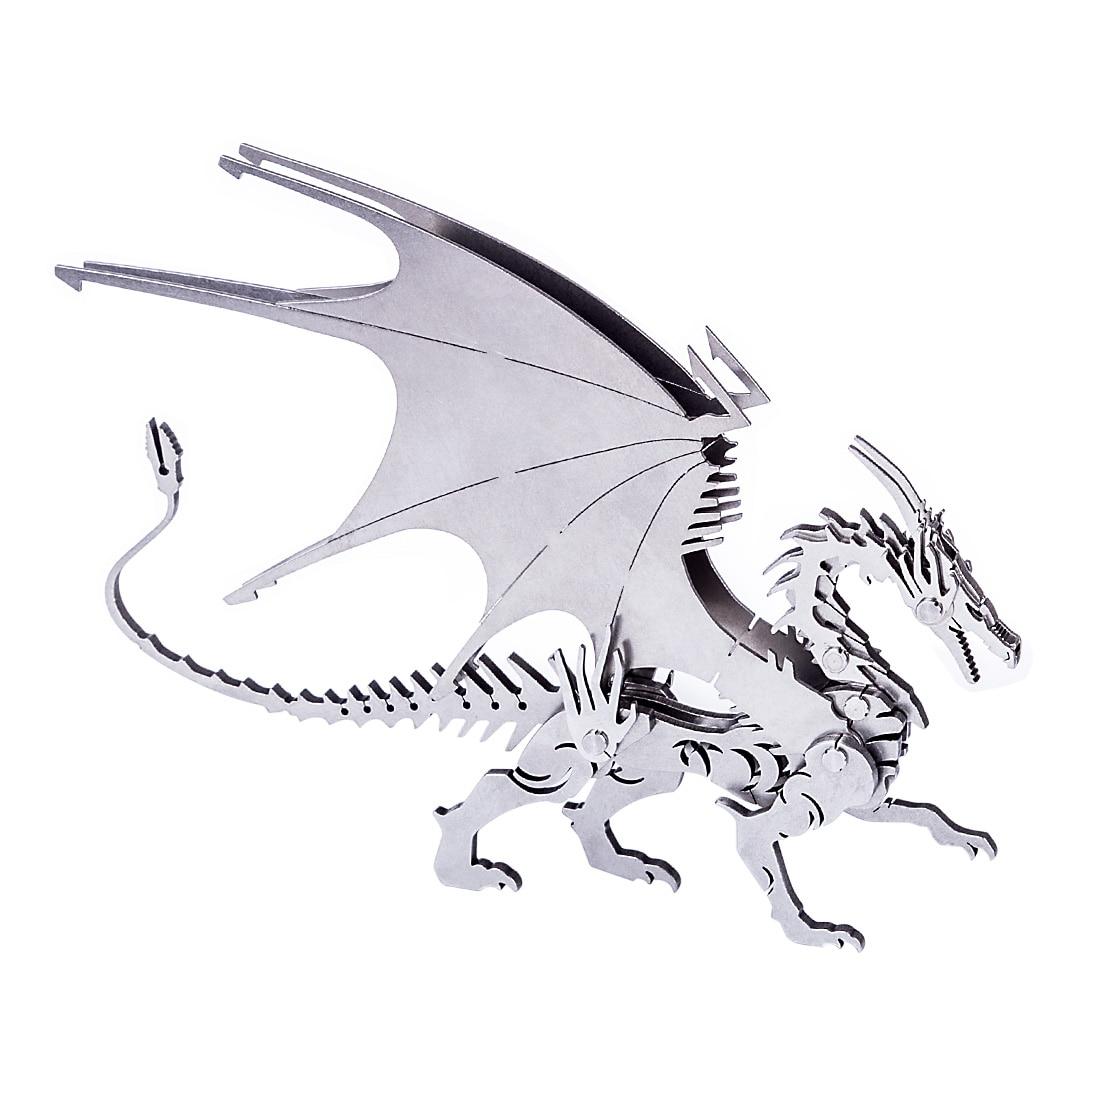 Rompecabezas de acero inoxidable 3D DIY montado dragón desmontable modelo pequeño adornos decoración del hogar niños regalos de navidad 2019